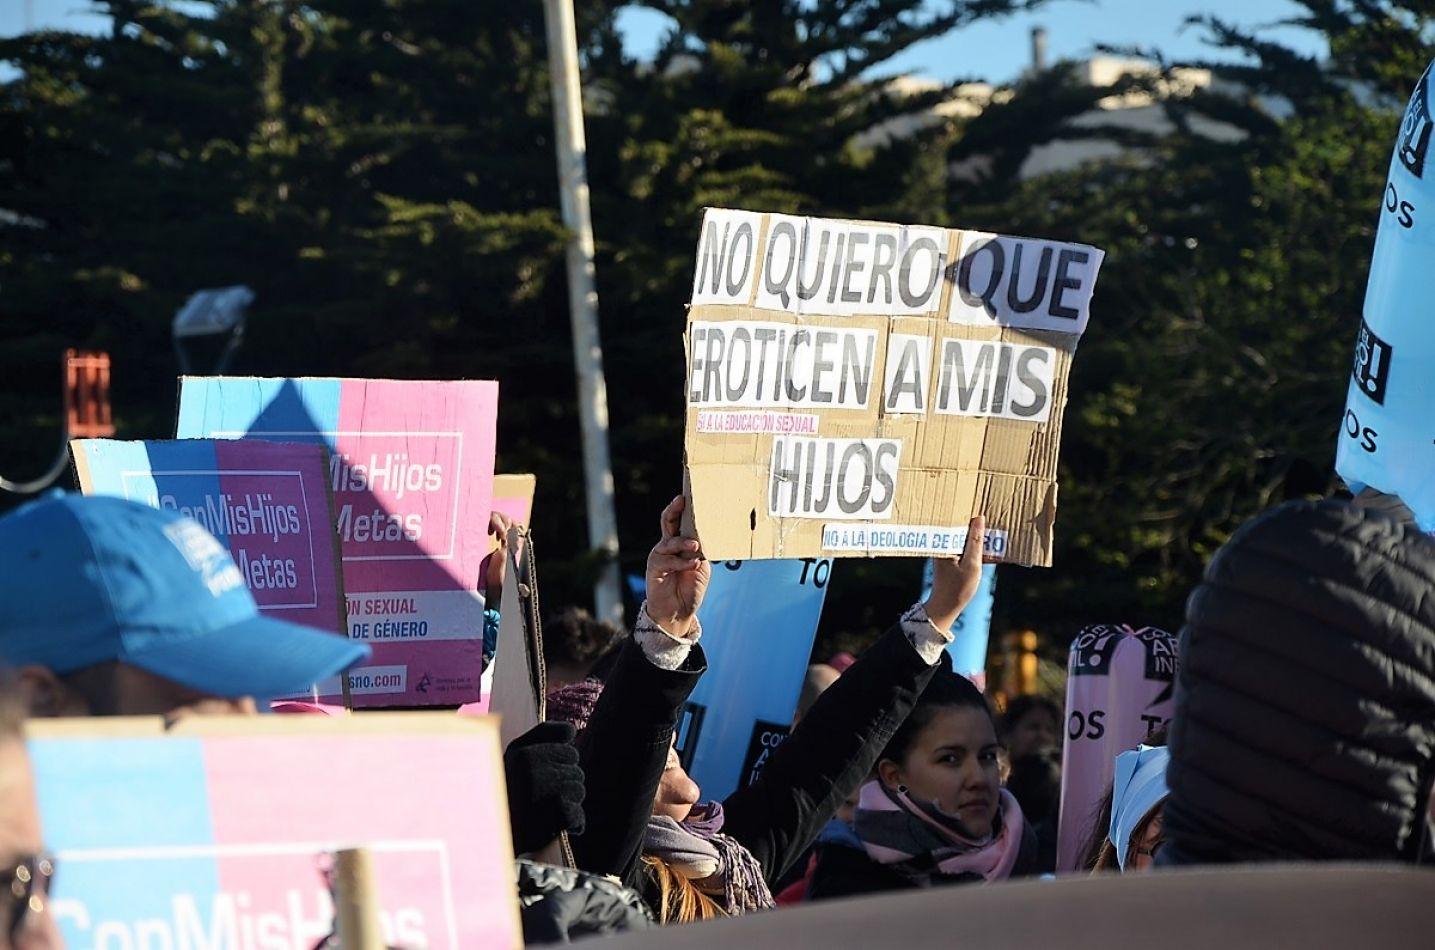 Marcha contra la educación sexual con ideología de género